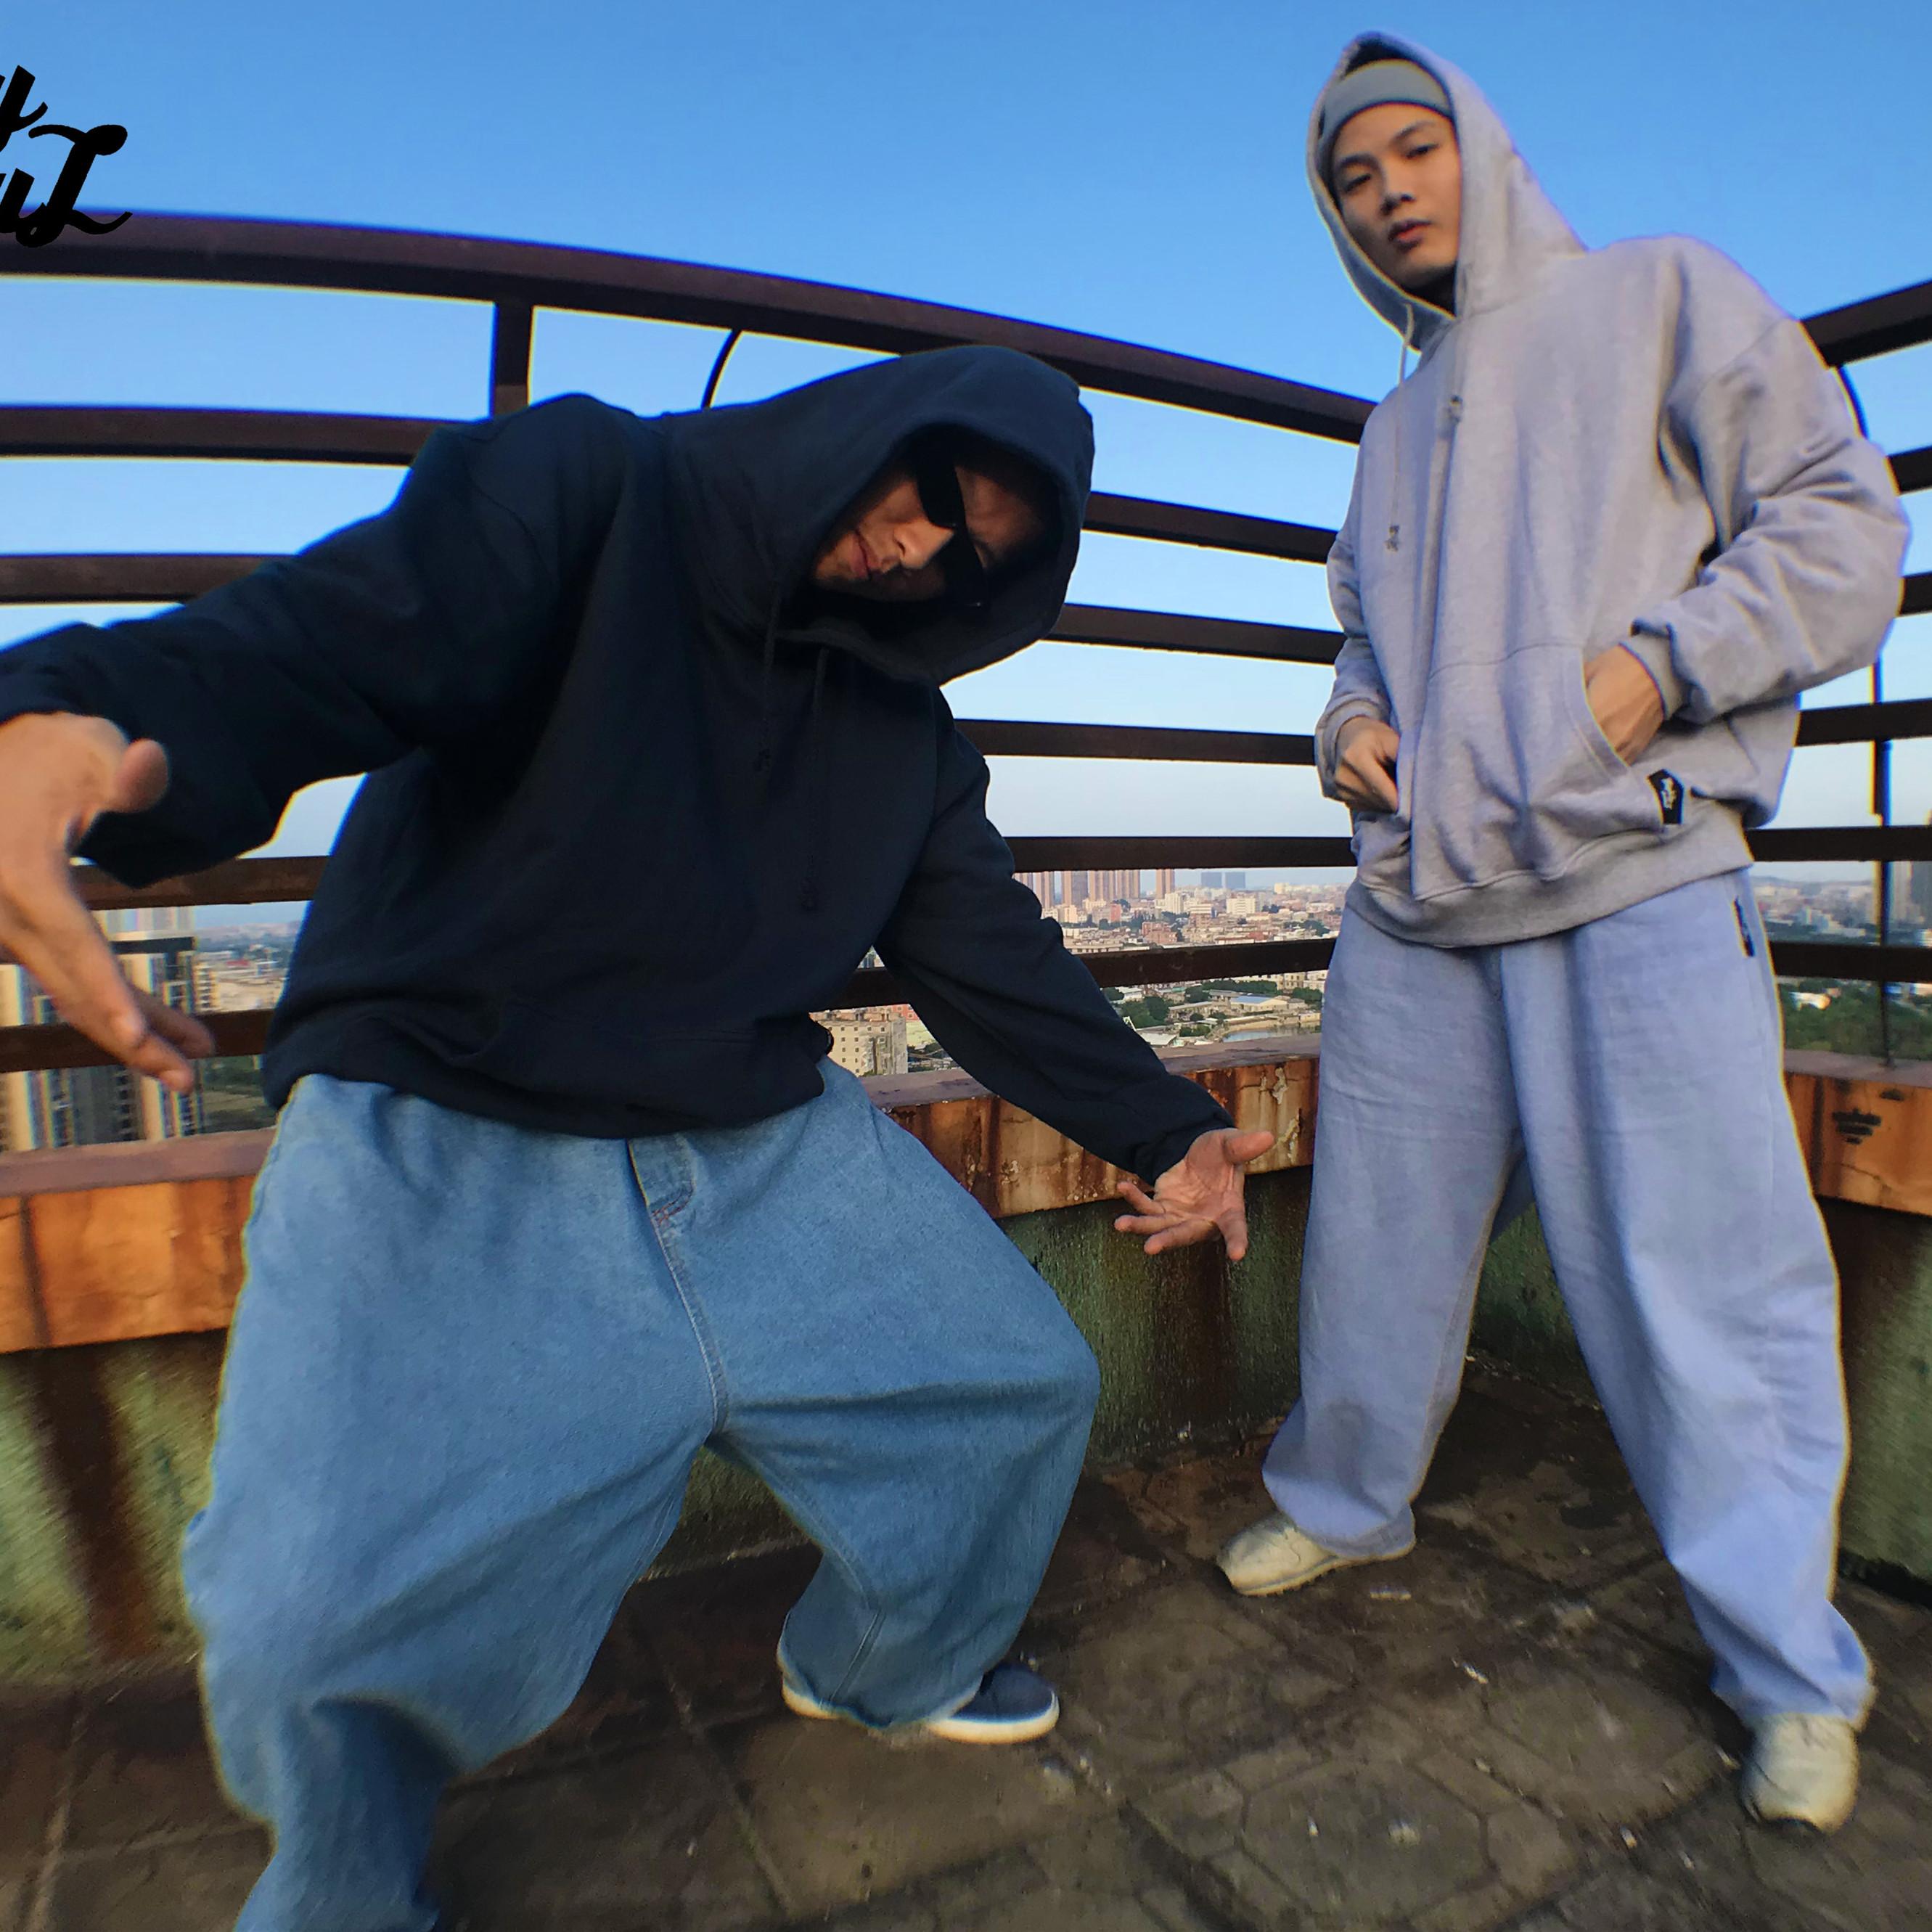 oldschool纯色打底卫衣说唱hiphop加大加宽基础款bboy复古街头型图片